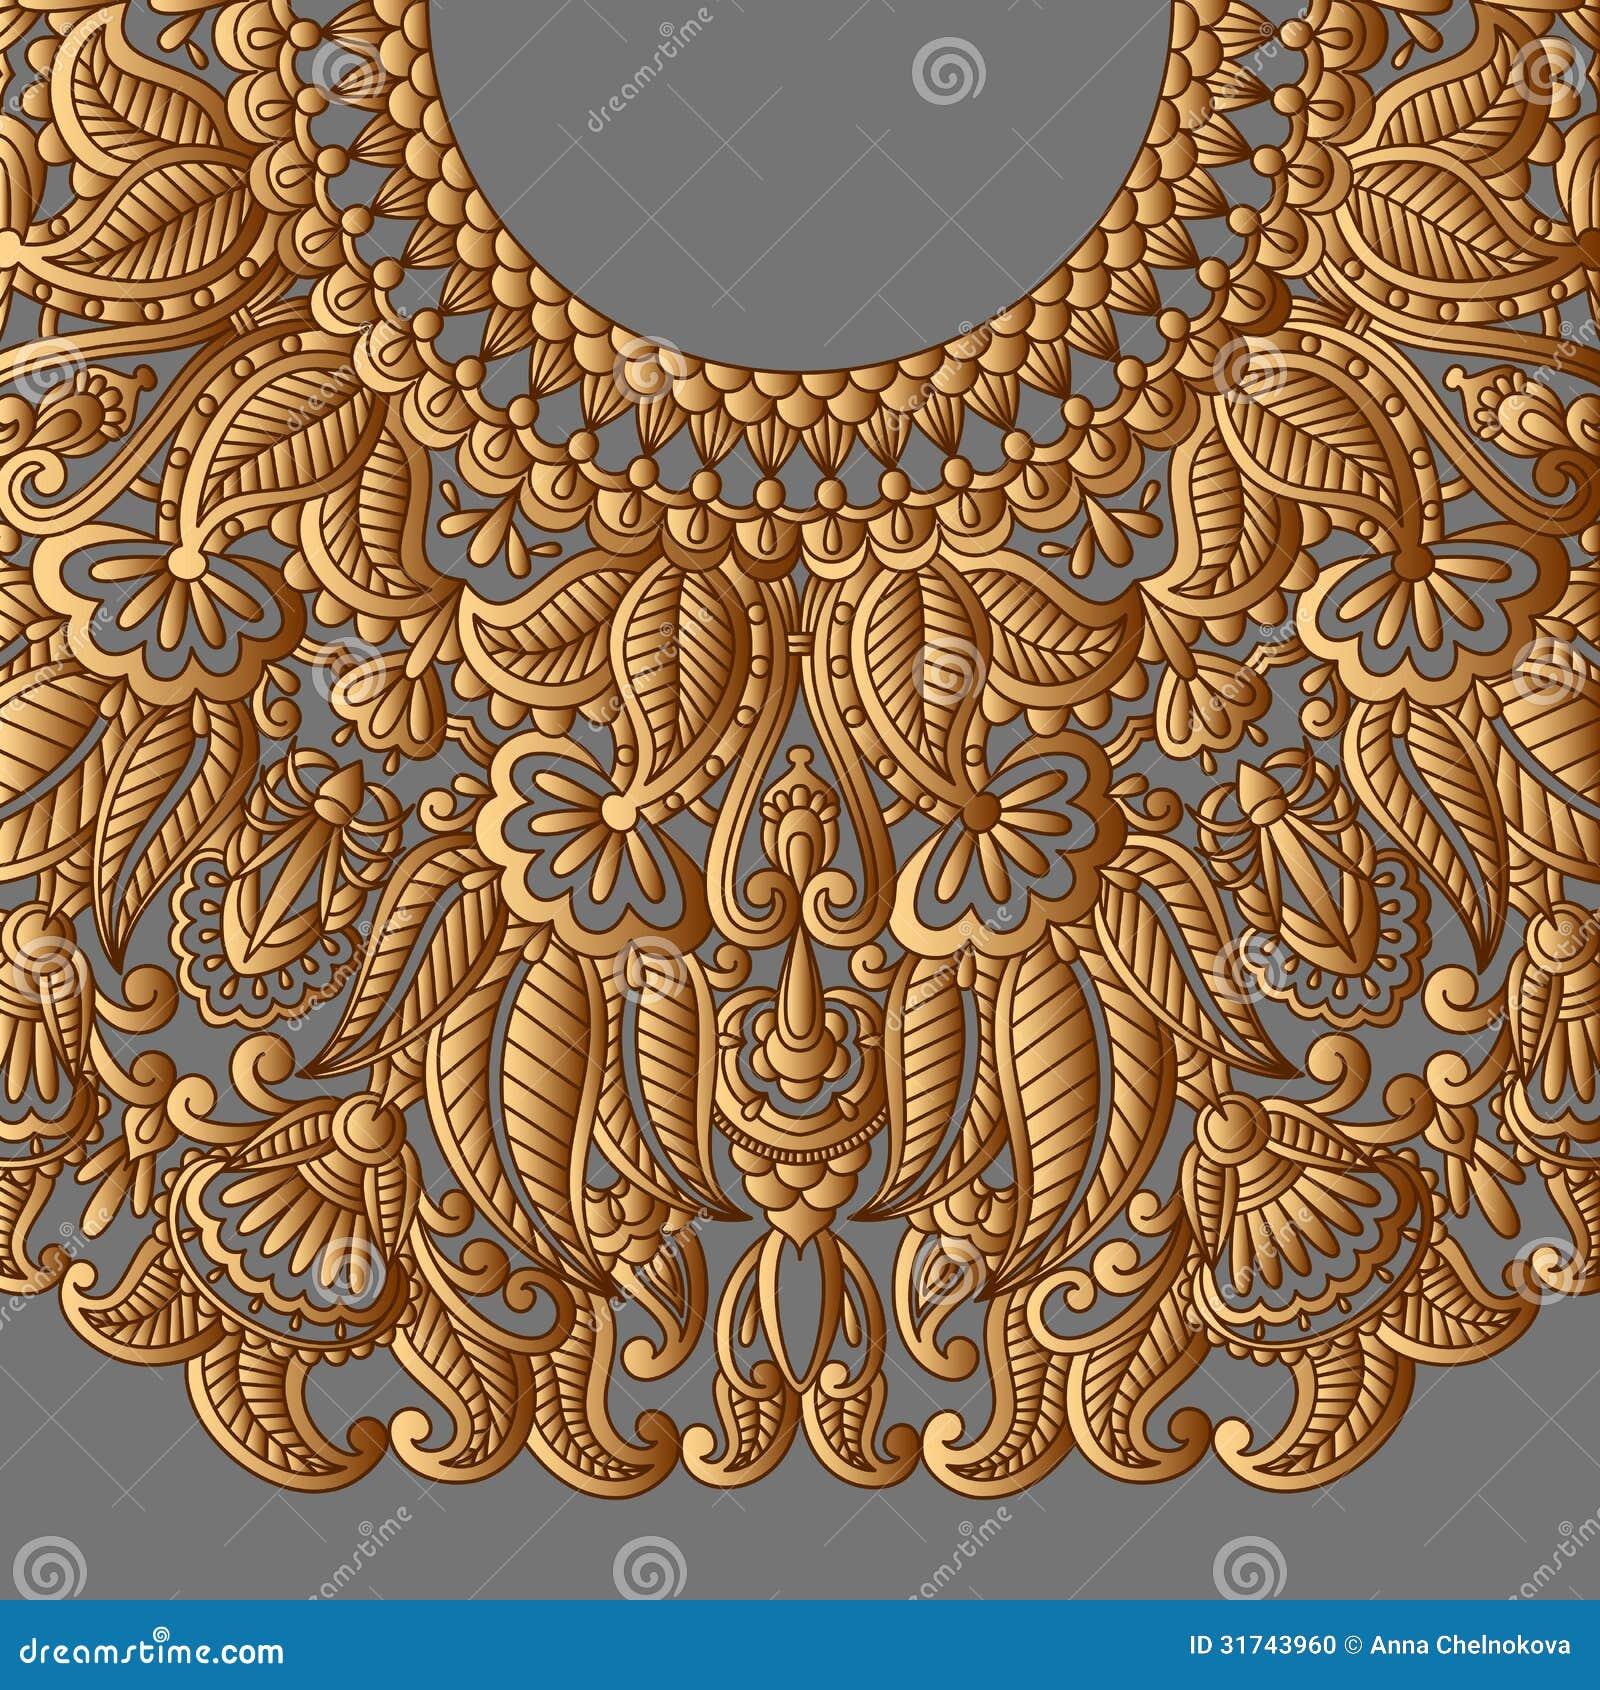 vector gold ornament  stock vector  illustration of dark